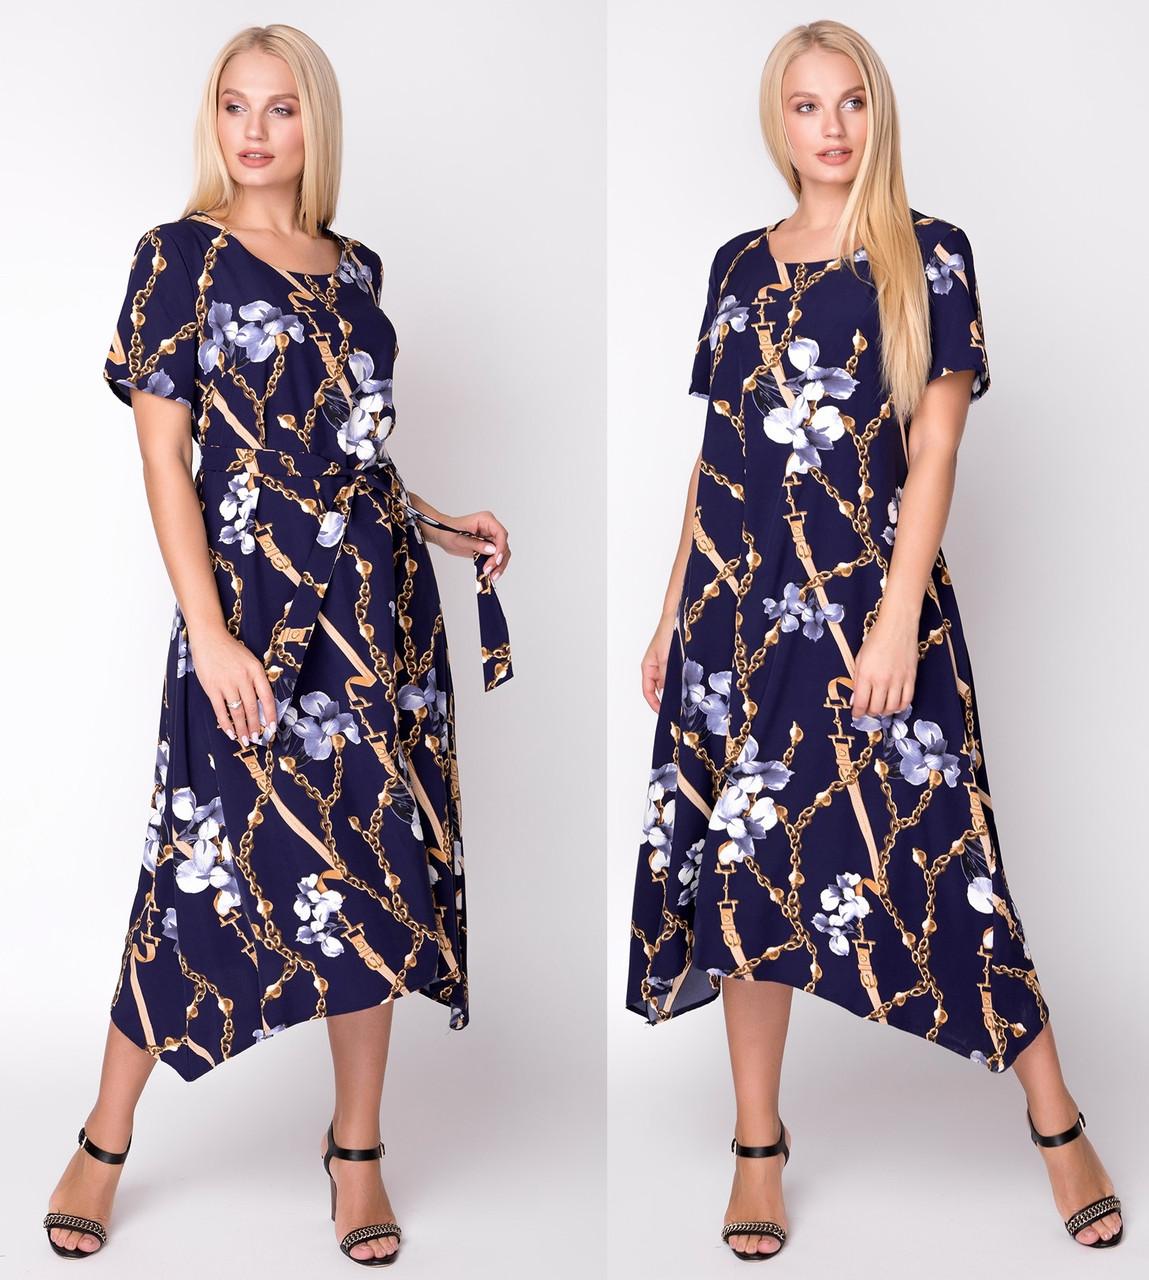 f0c21901d3d Длинное платье женское больших размеров летнее трикотаж масло (батал) А -  силует